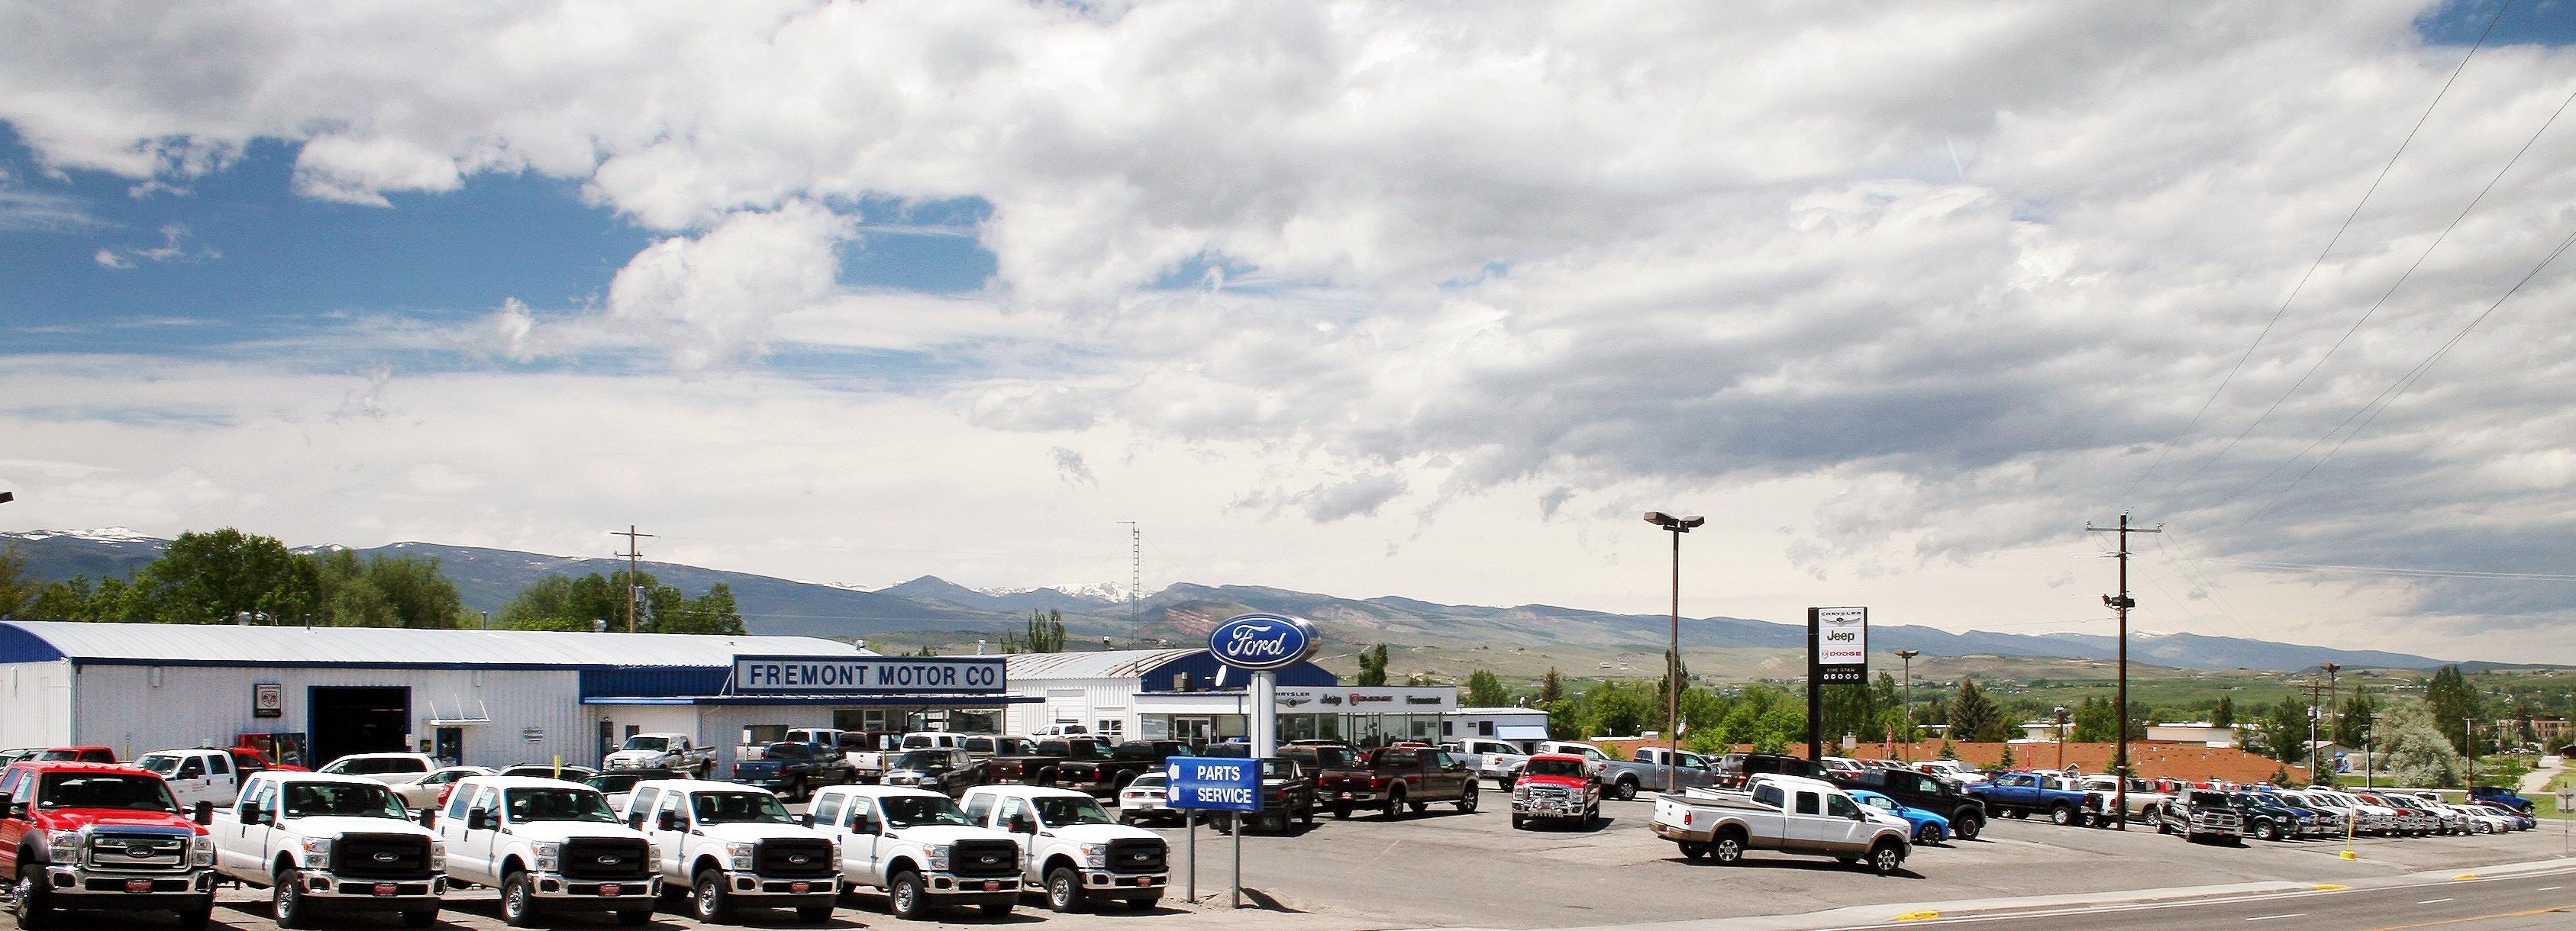 Fremont Motor Lander - Ford Chrysler Dodge Jeep Ram - ad image